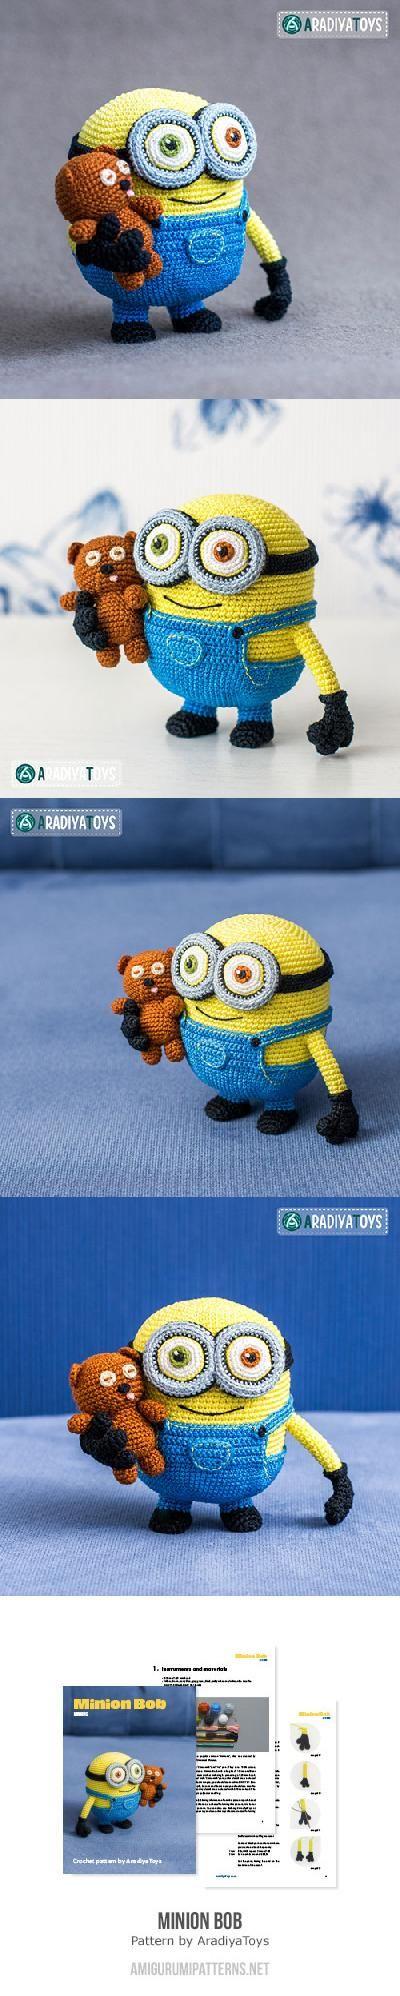 Minion Bob And Bear Tim Amigurumi Pattern